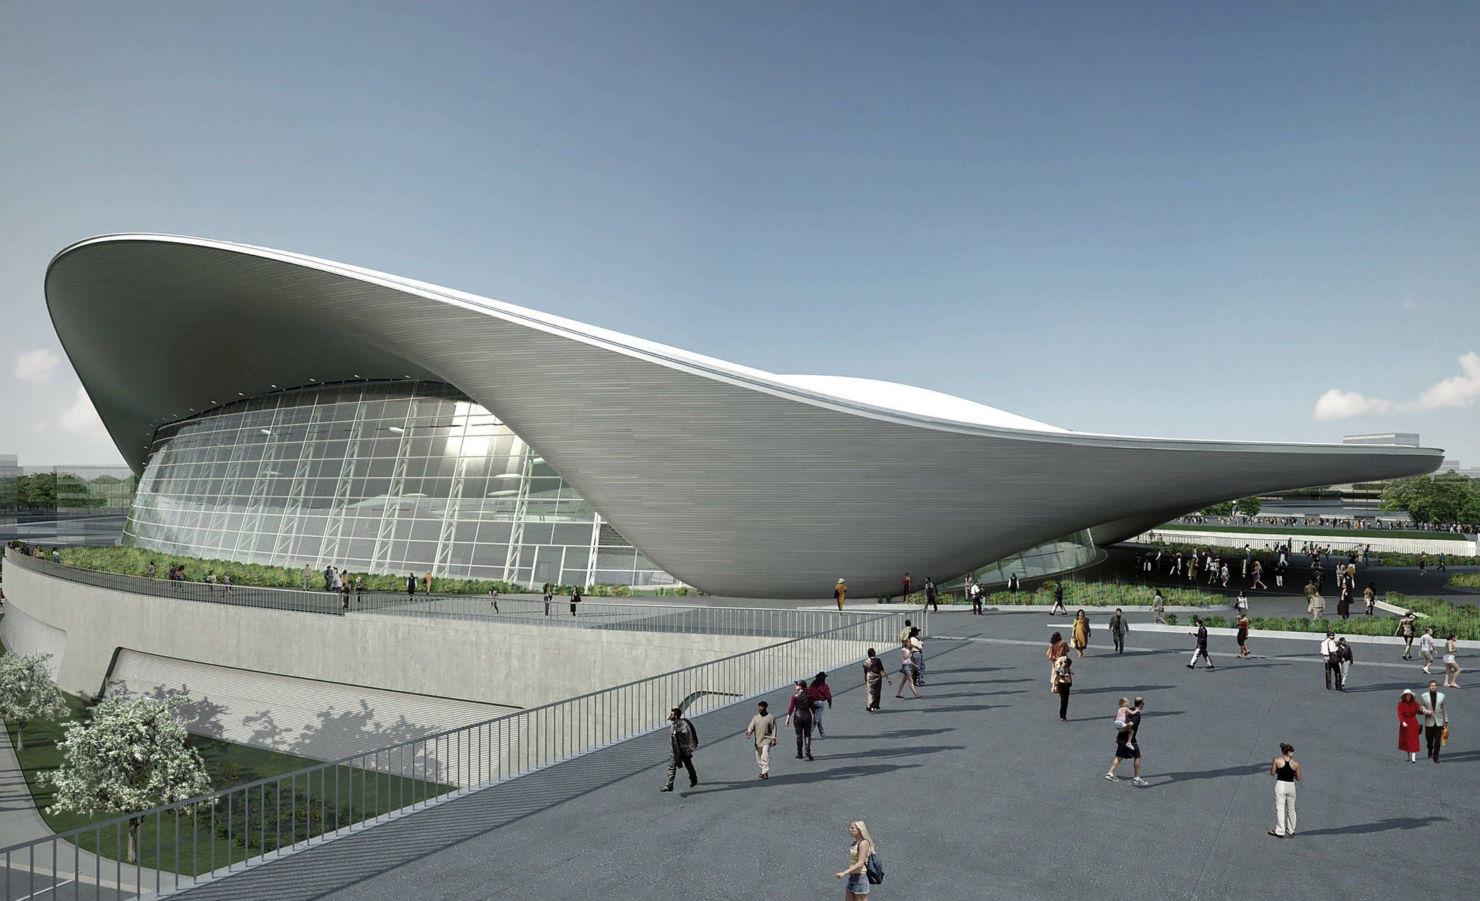 Conoce los mejores edificios de Zaha Hadid a través de este recorrido virtual